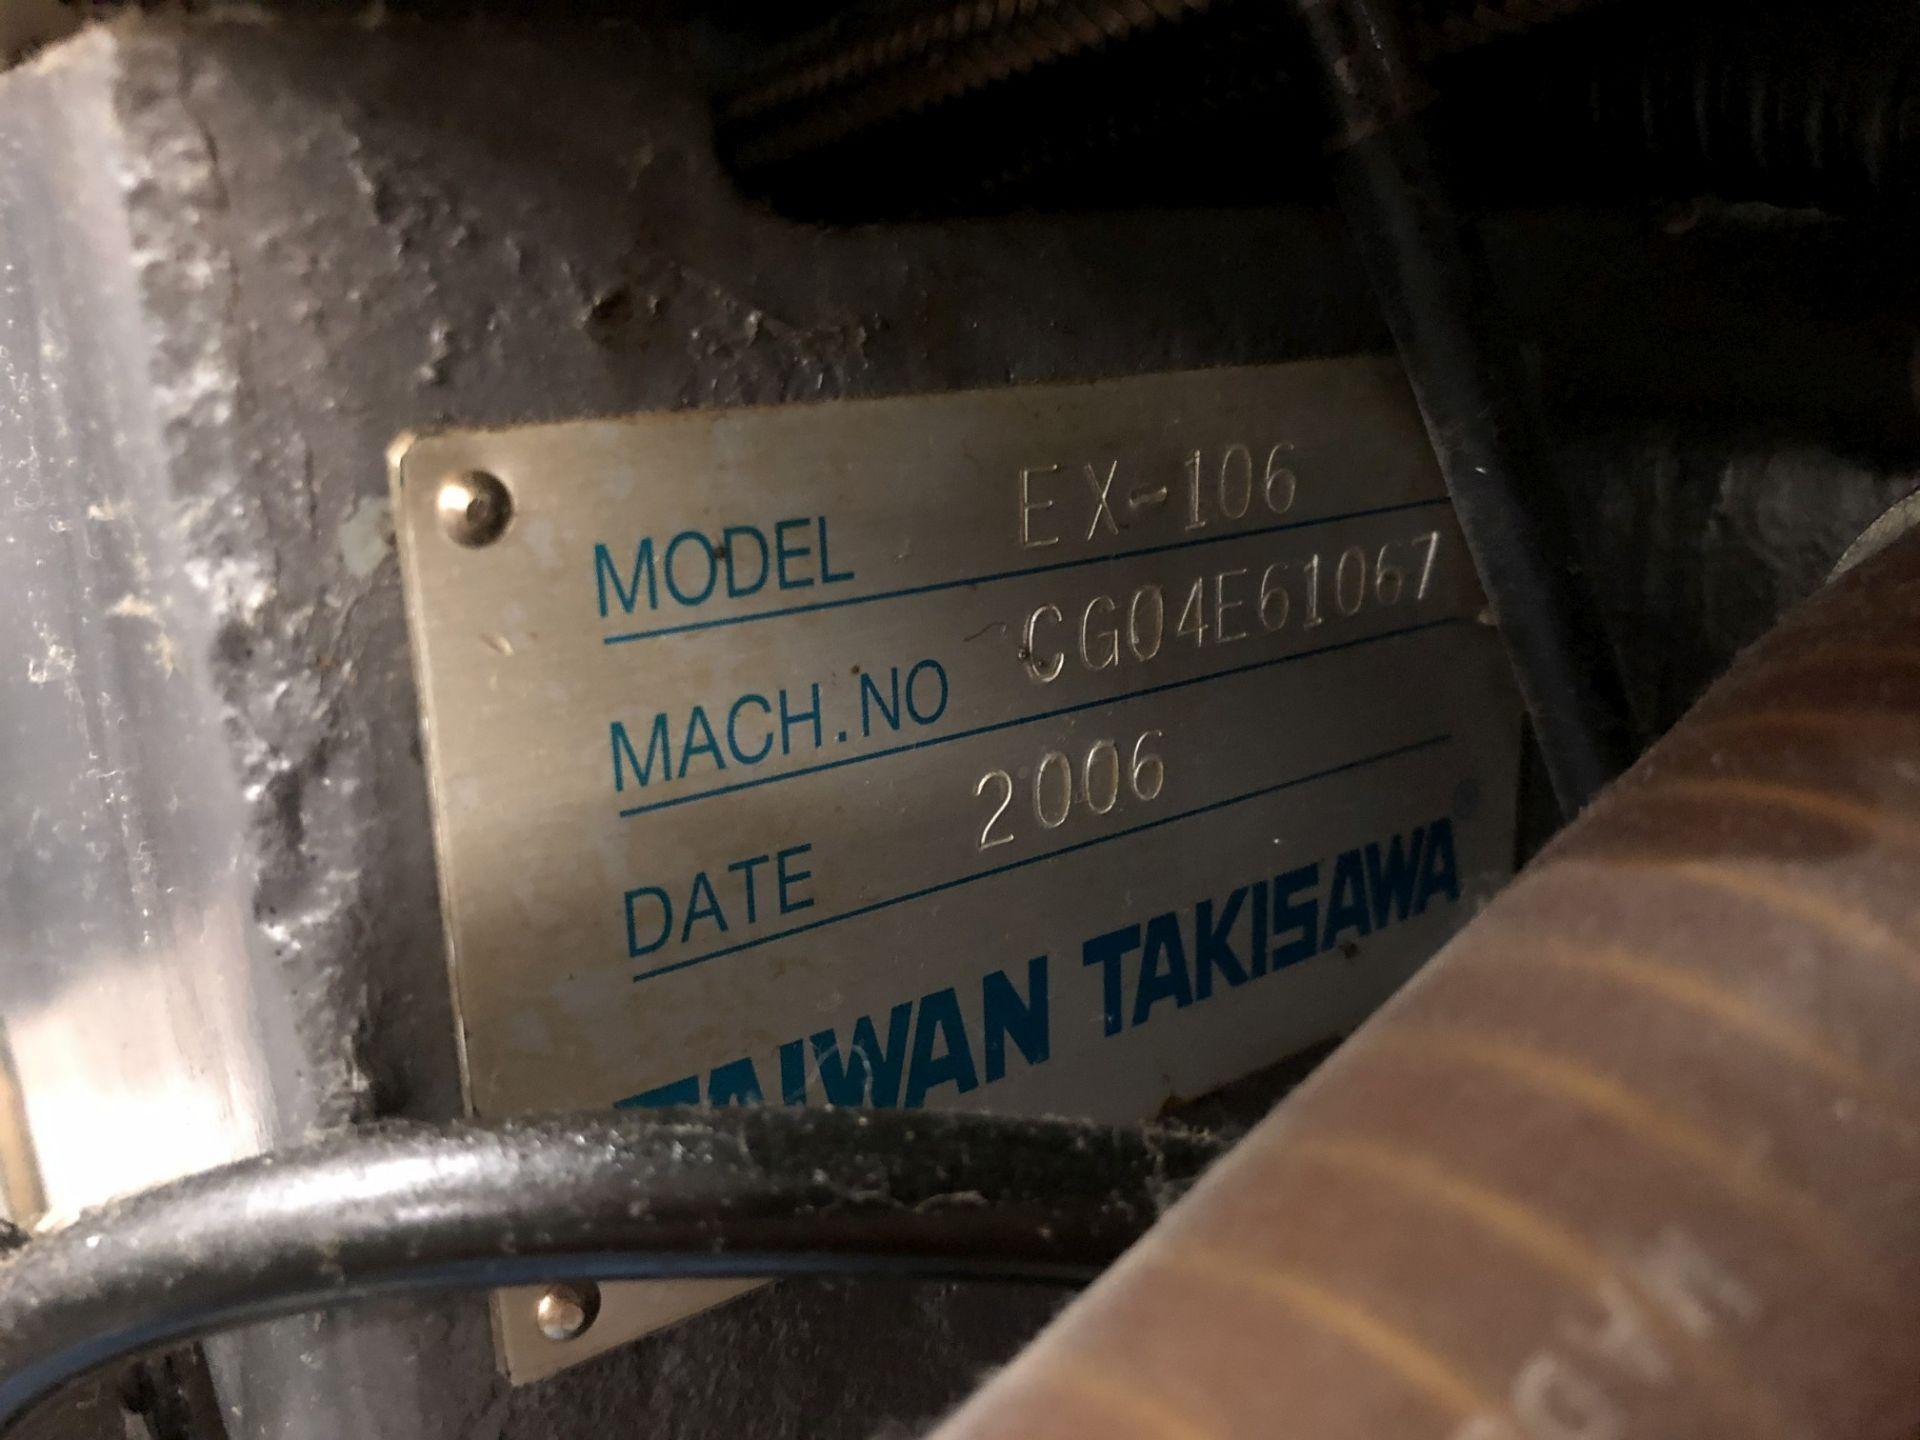 2006 Takisawa EX-106 CNC Lathe - Image 7 of 8